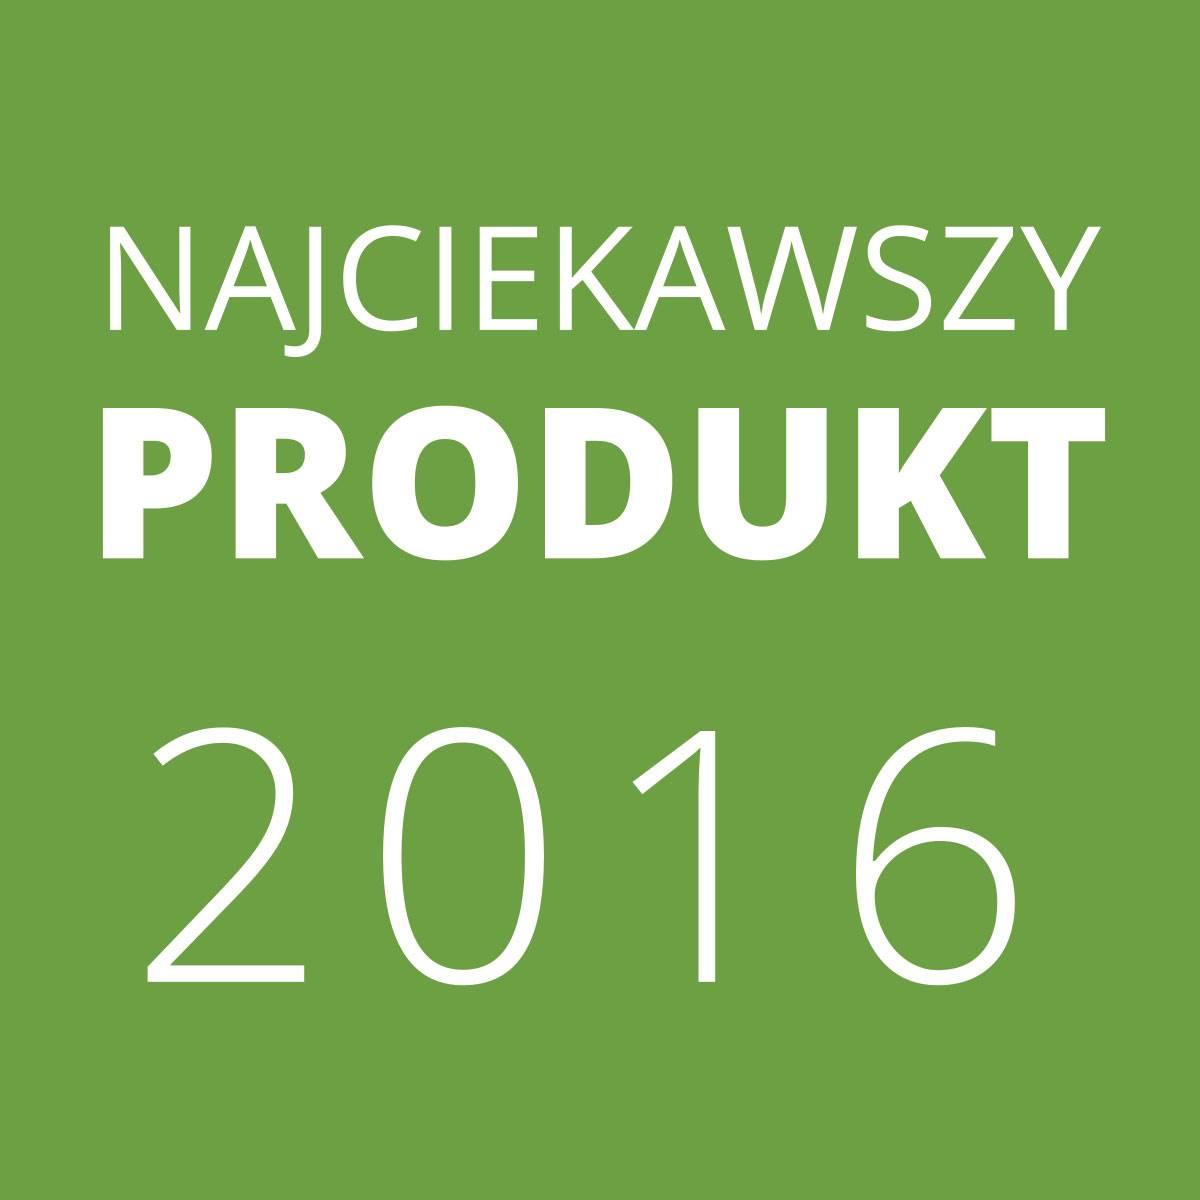 64 nowe produkty zgloszone do konkursu najciekawszy produkt 2016 - 64 nowe produkty zgłoszone do Konkursu NAJCIEKAWSZY PRODUKT 2016